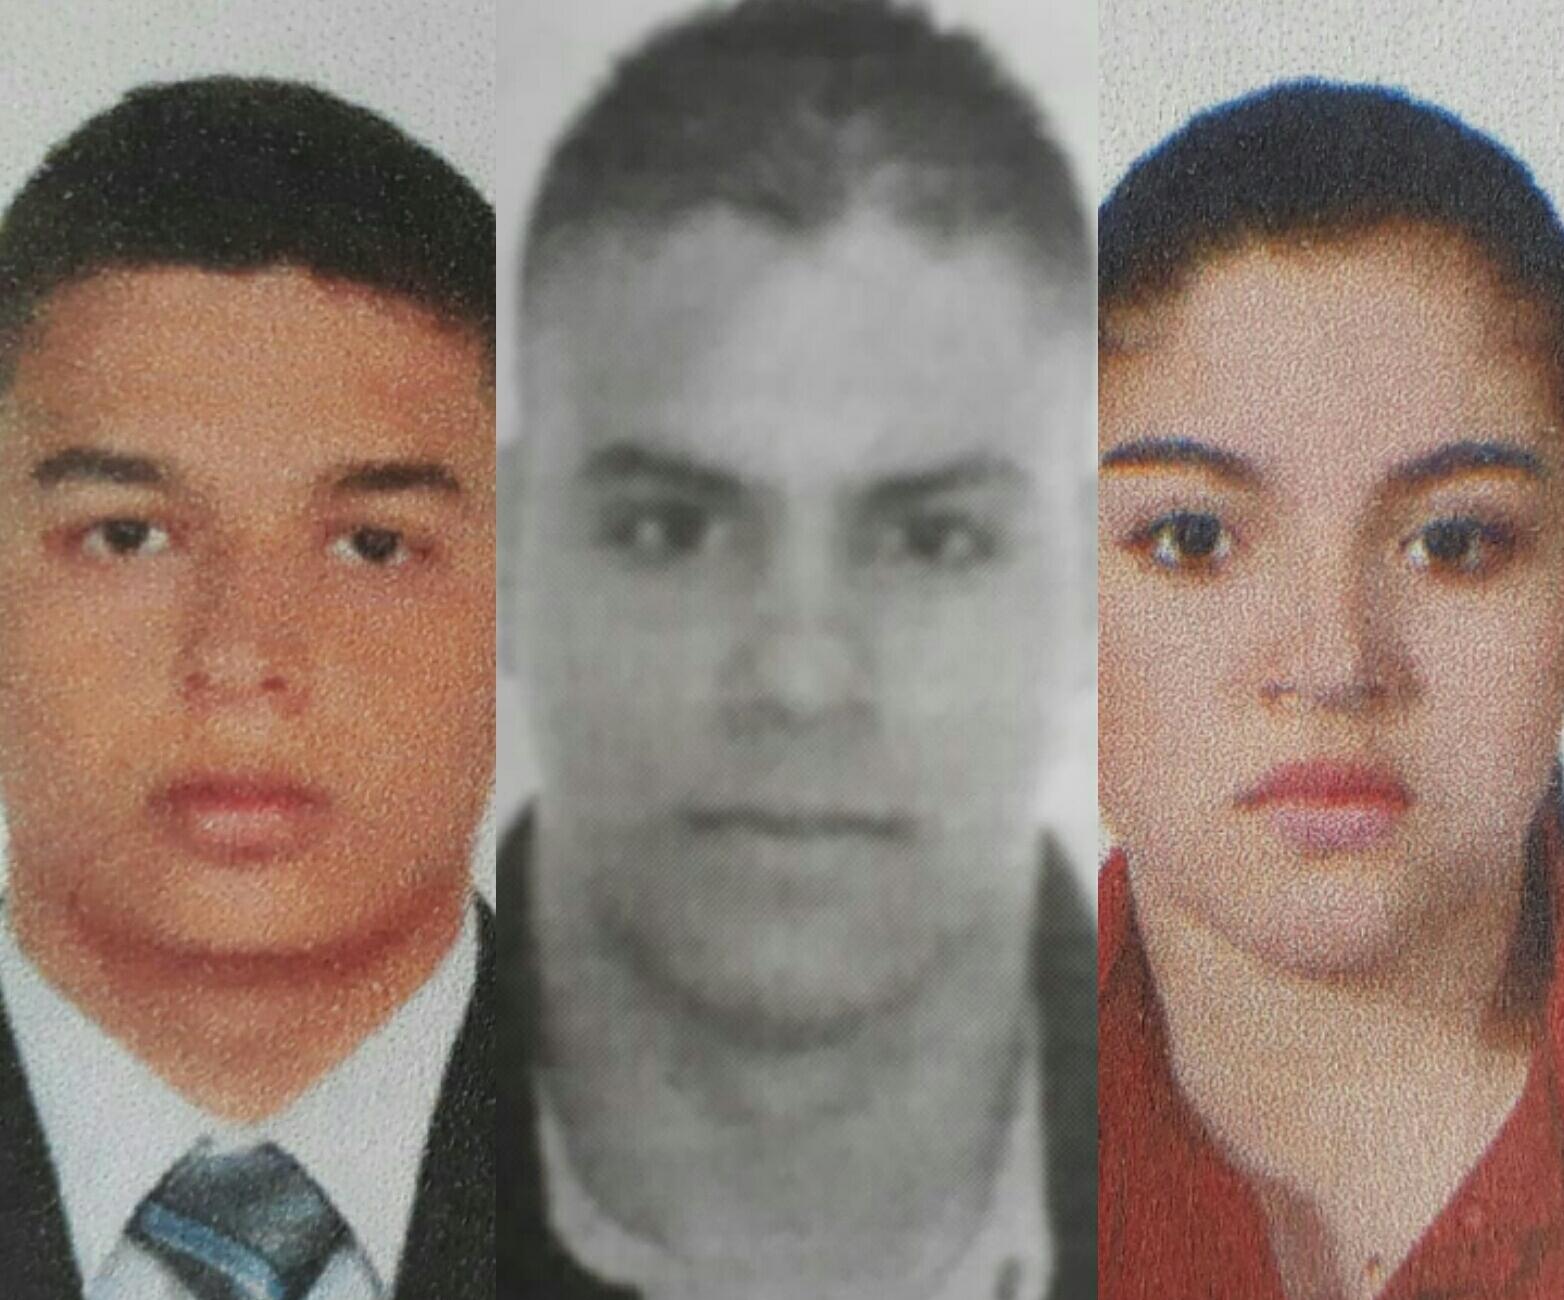 Envían a prisión a tres personas por crimen de un comerciante en Copacabana (Antioquia) - RCN Radio